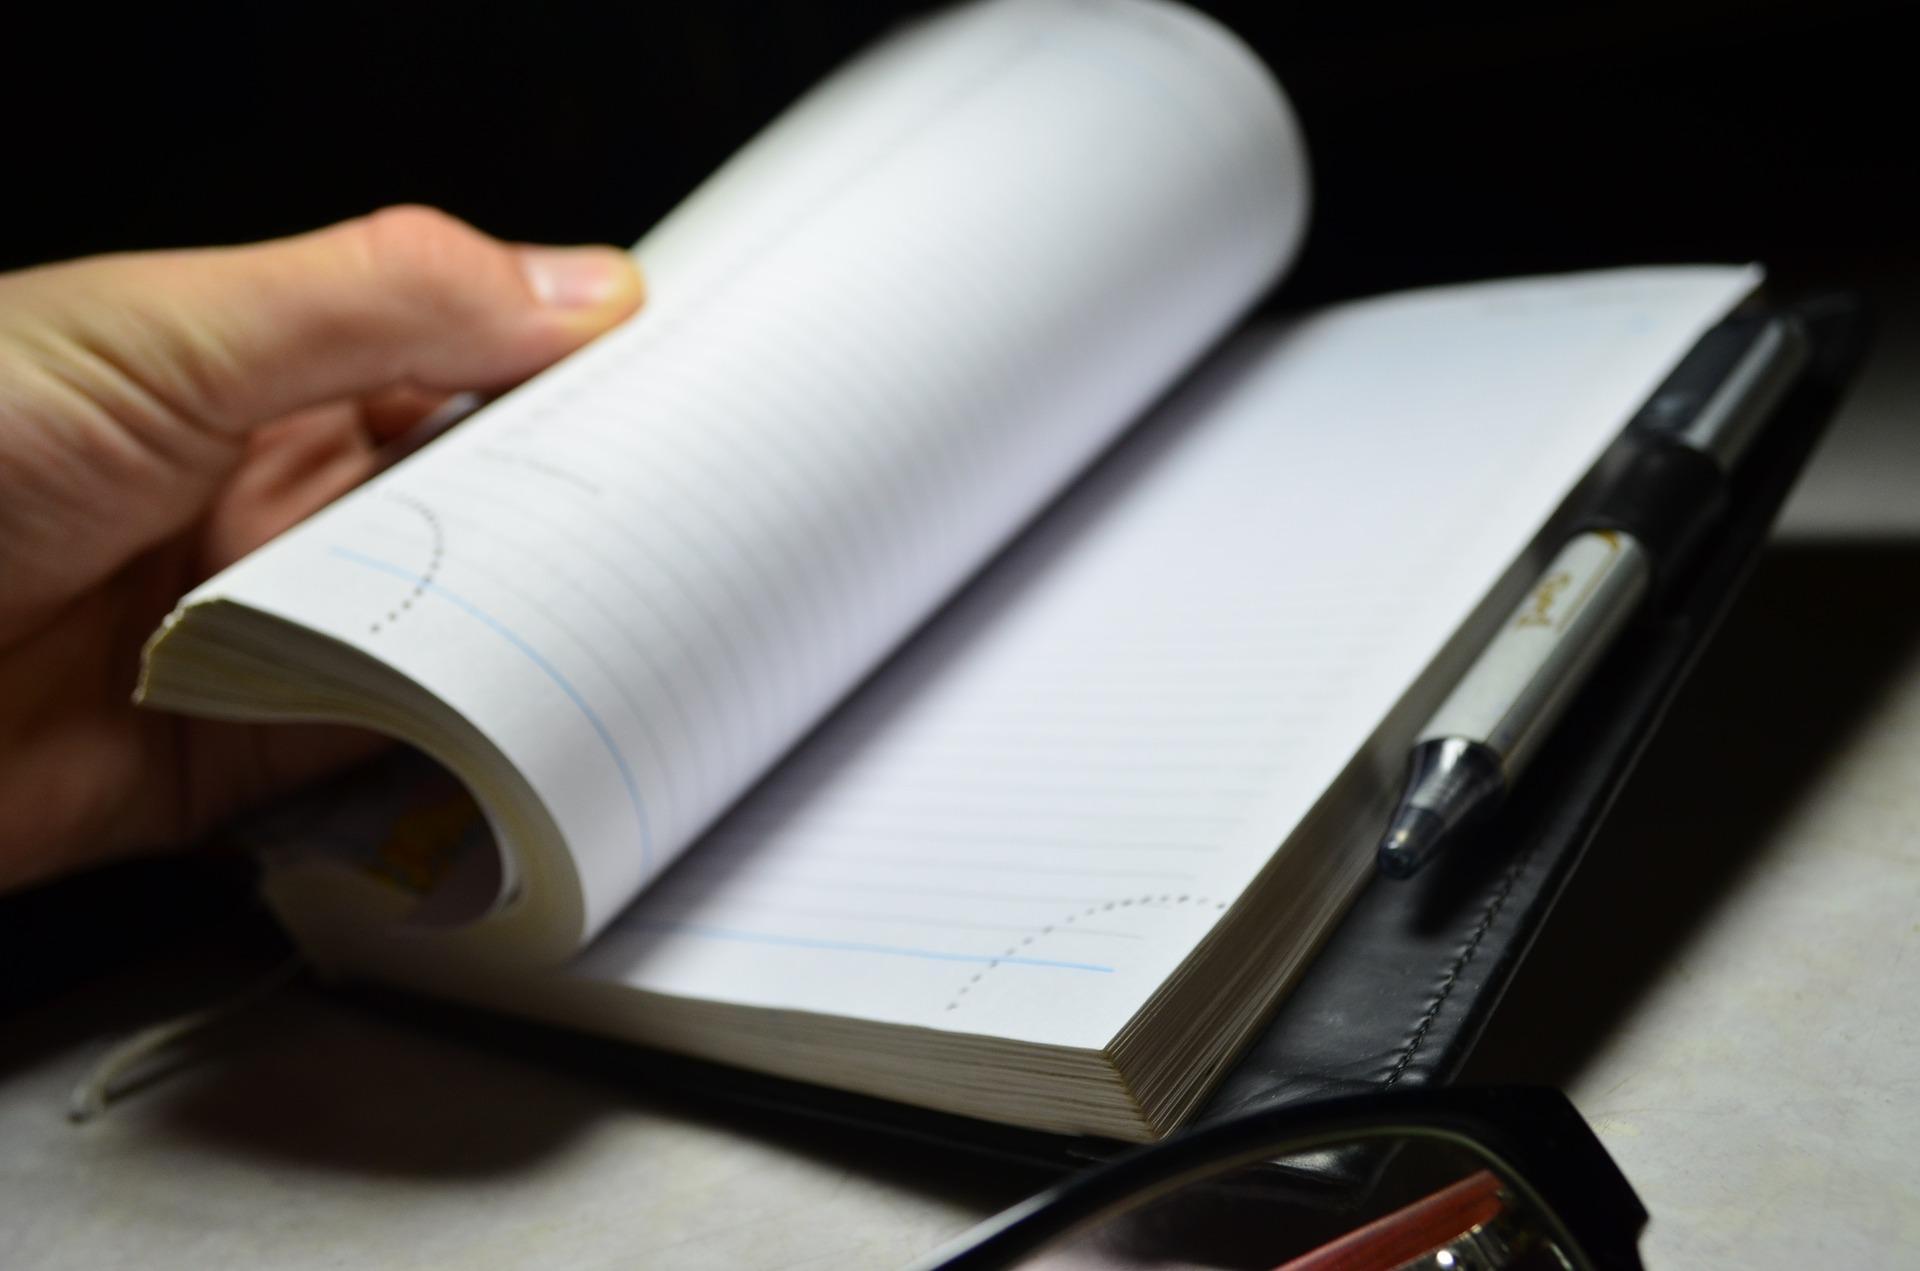 Vorsteuervergütung des vorläufigen Insolvenzverwalters – und die Verjährung des insolvenzrechtlichen Aufrechnungsverbots